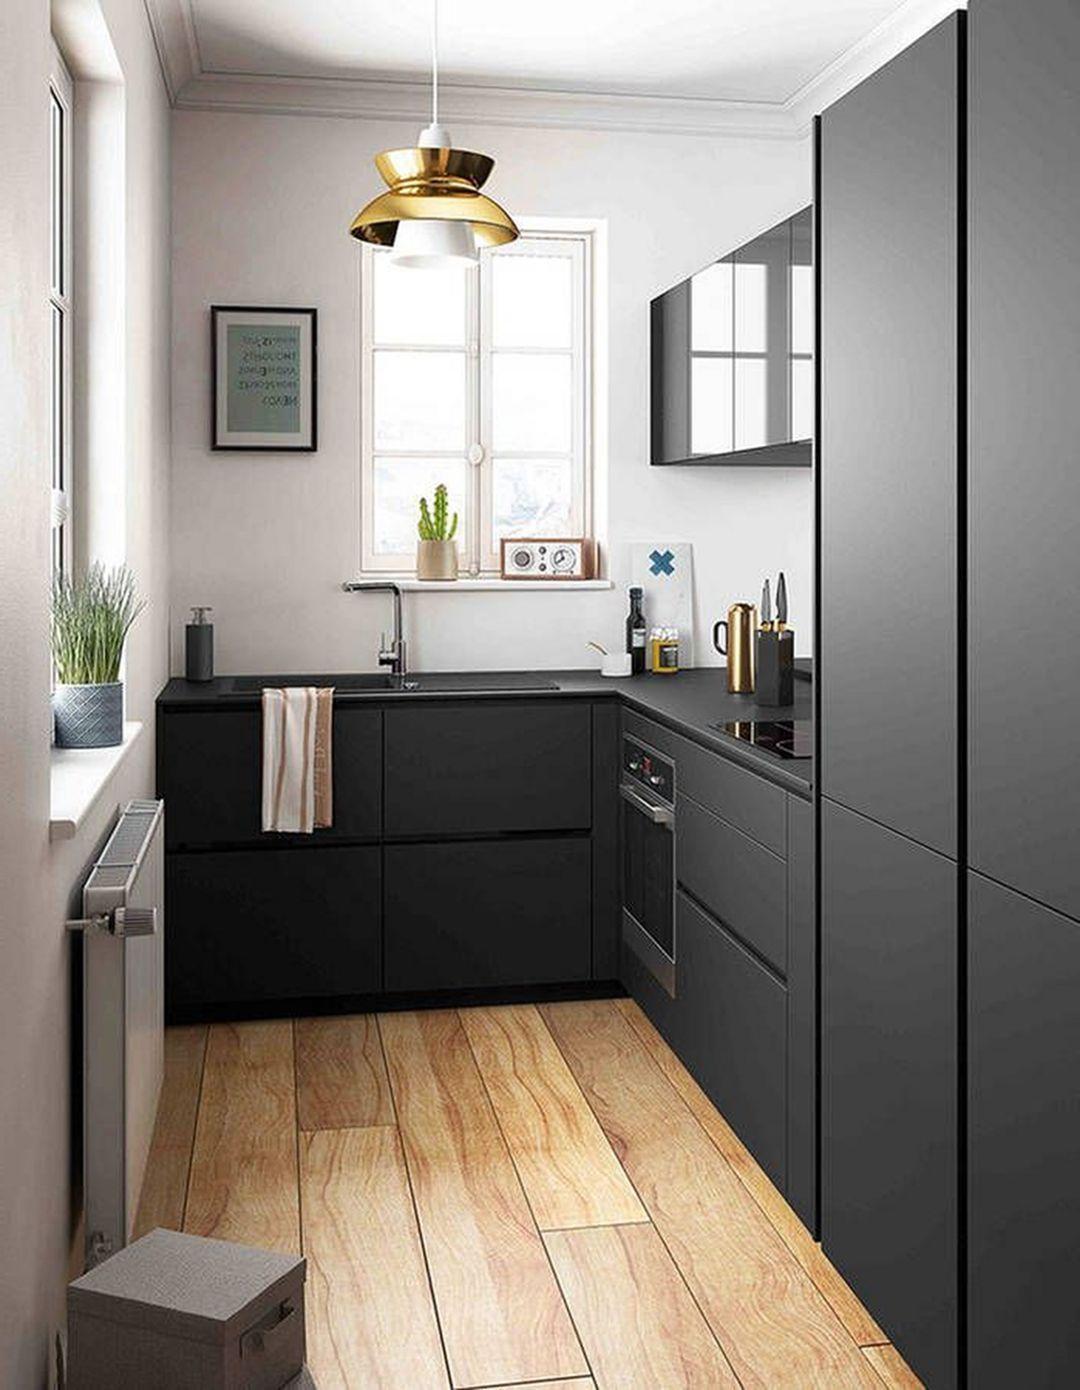 2020 small modern kitchen ideas   Σχεδίαση μοντέρνας ...